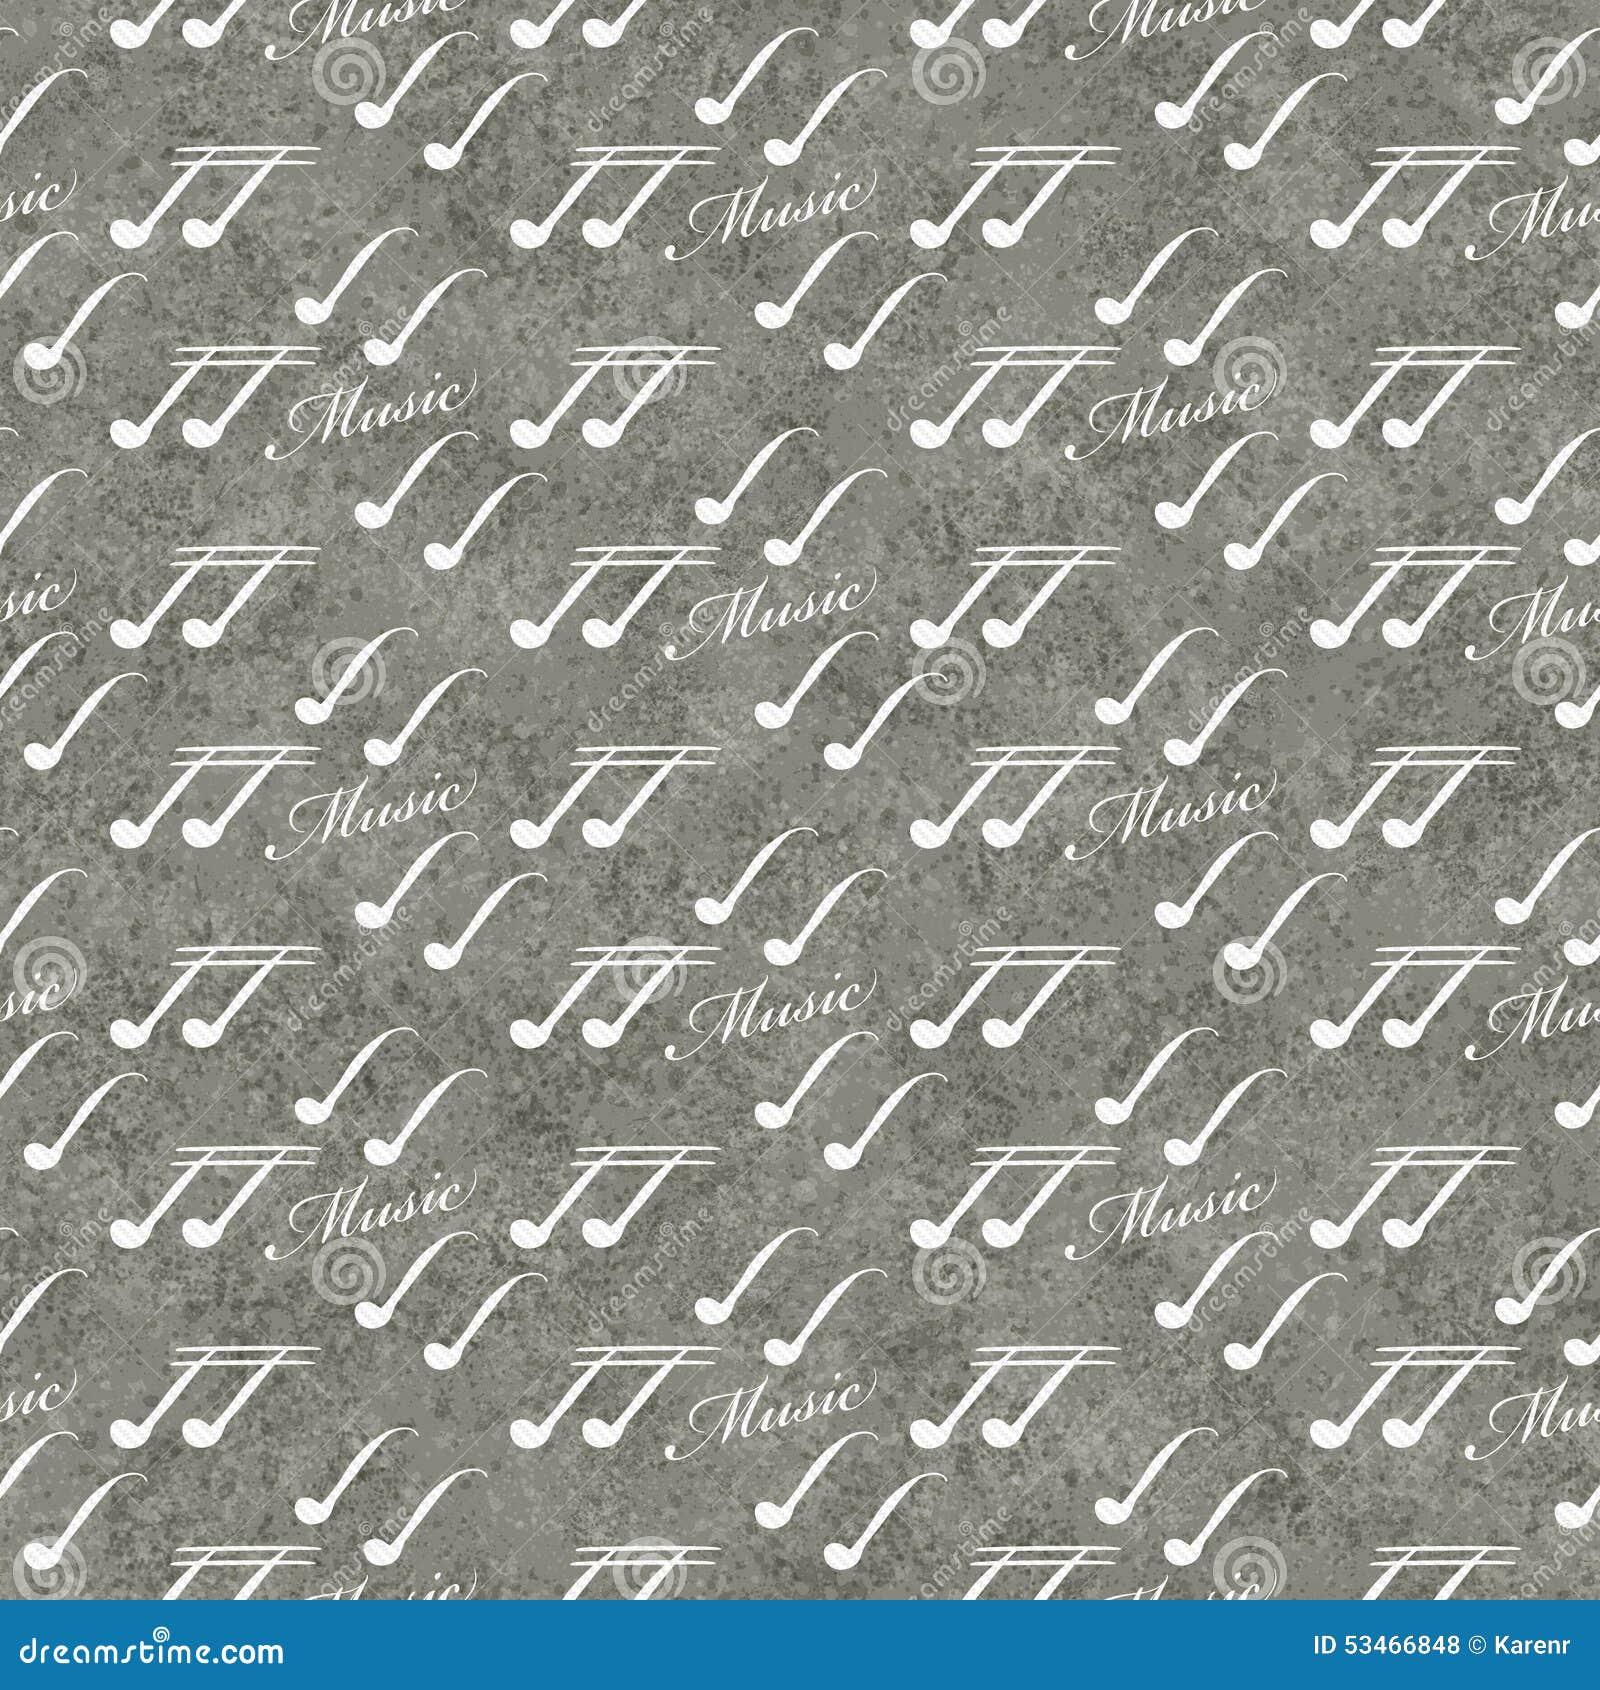 Fondo gris y blanco de la repetición del modelo de la teja del símbolo de música